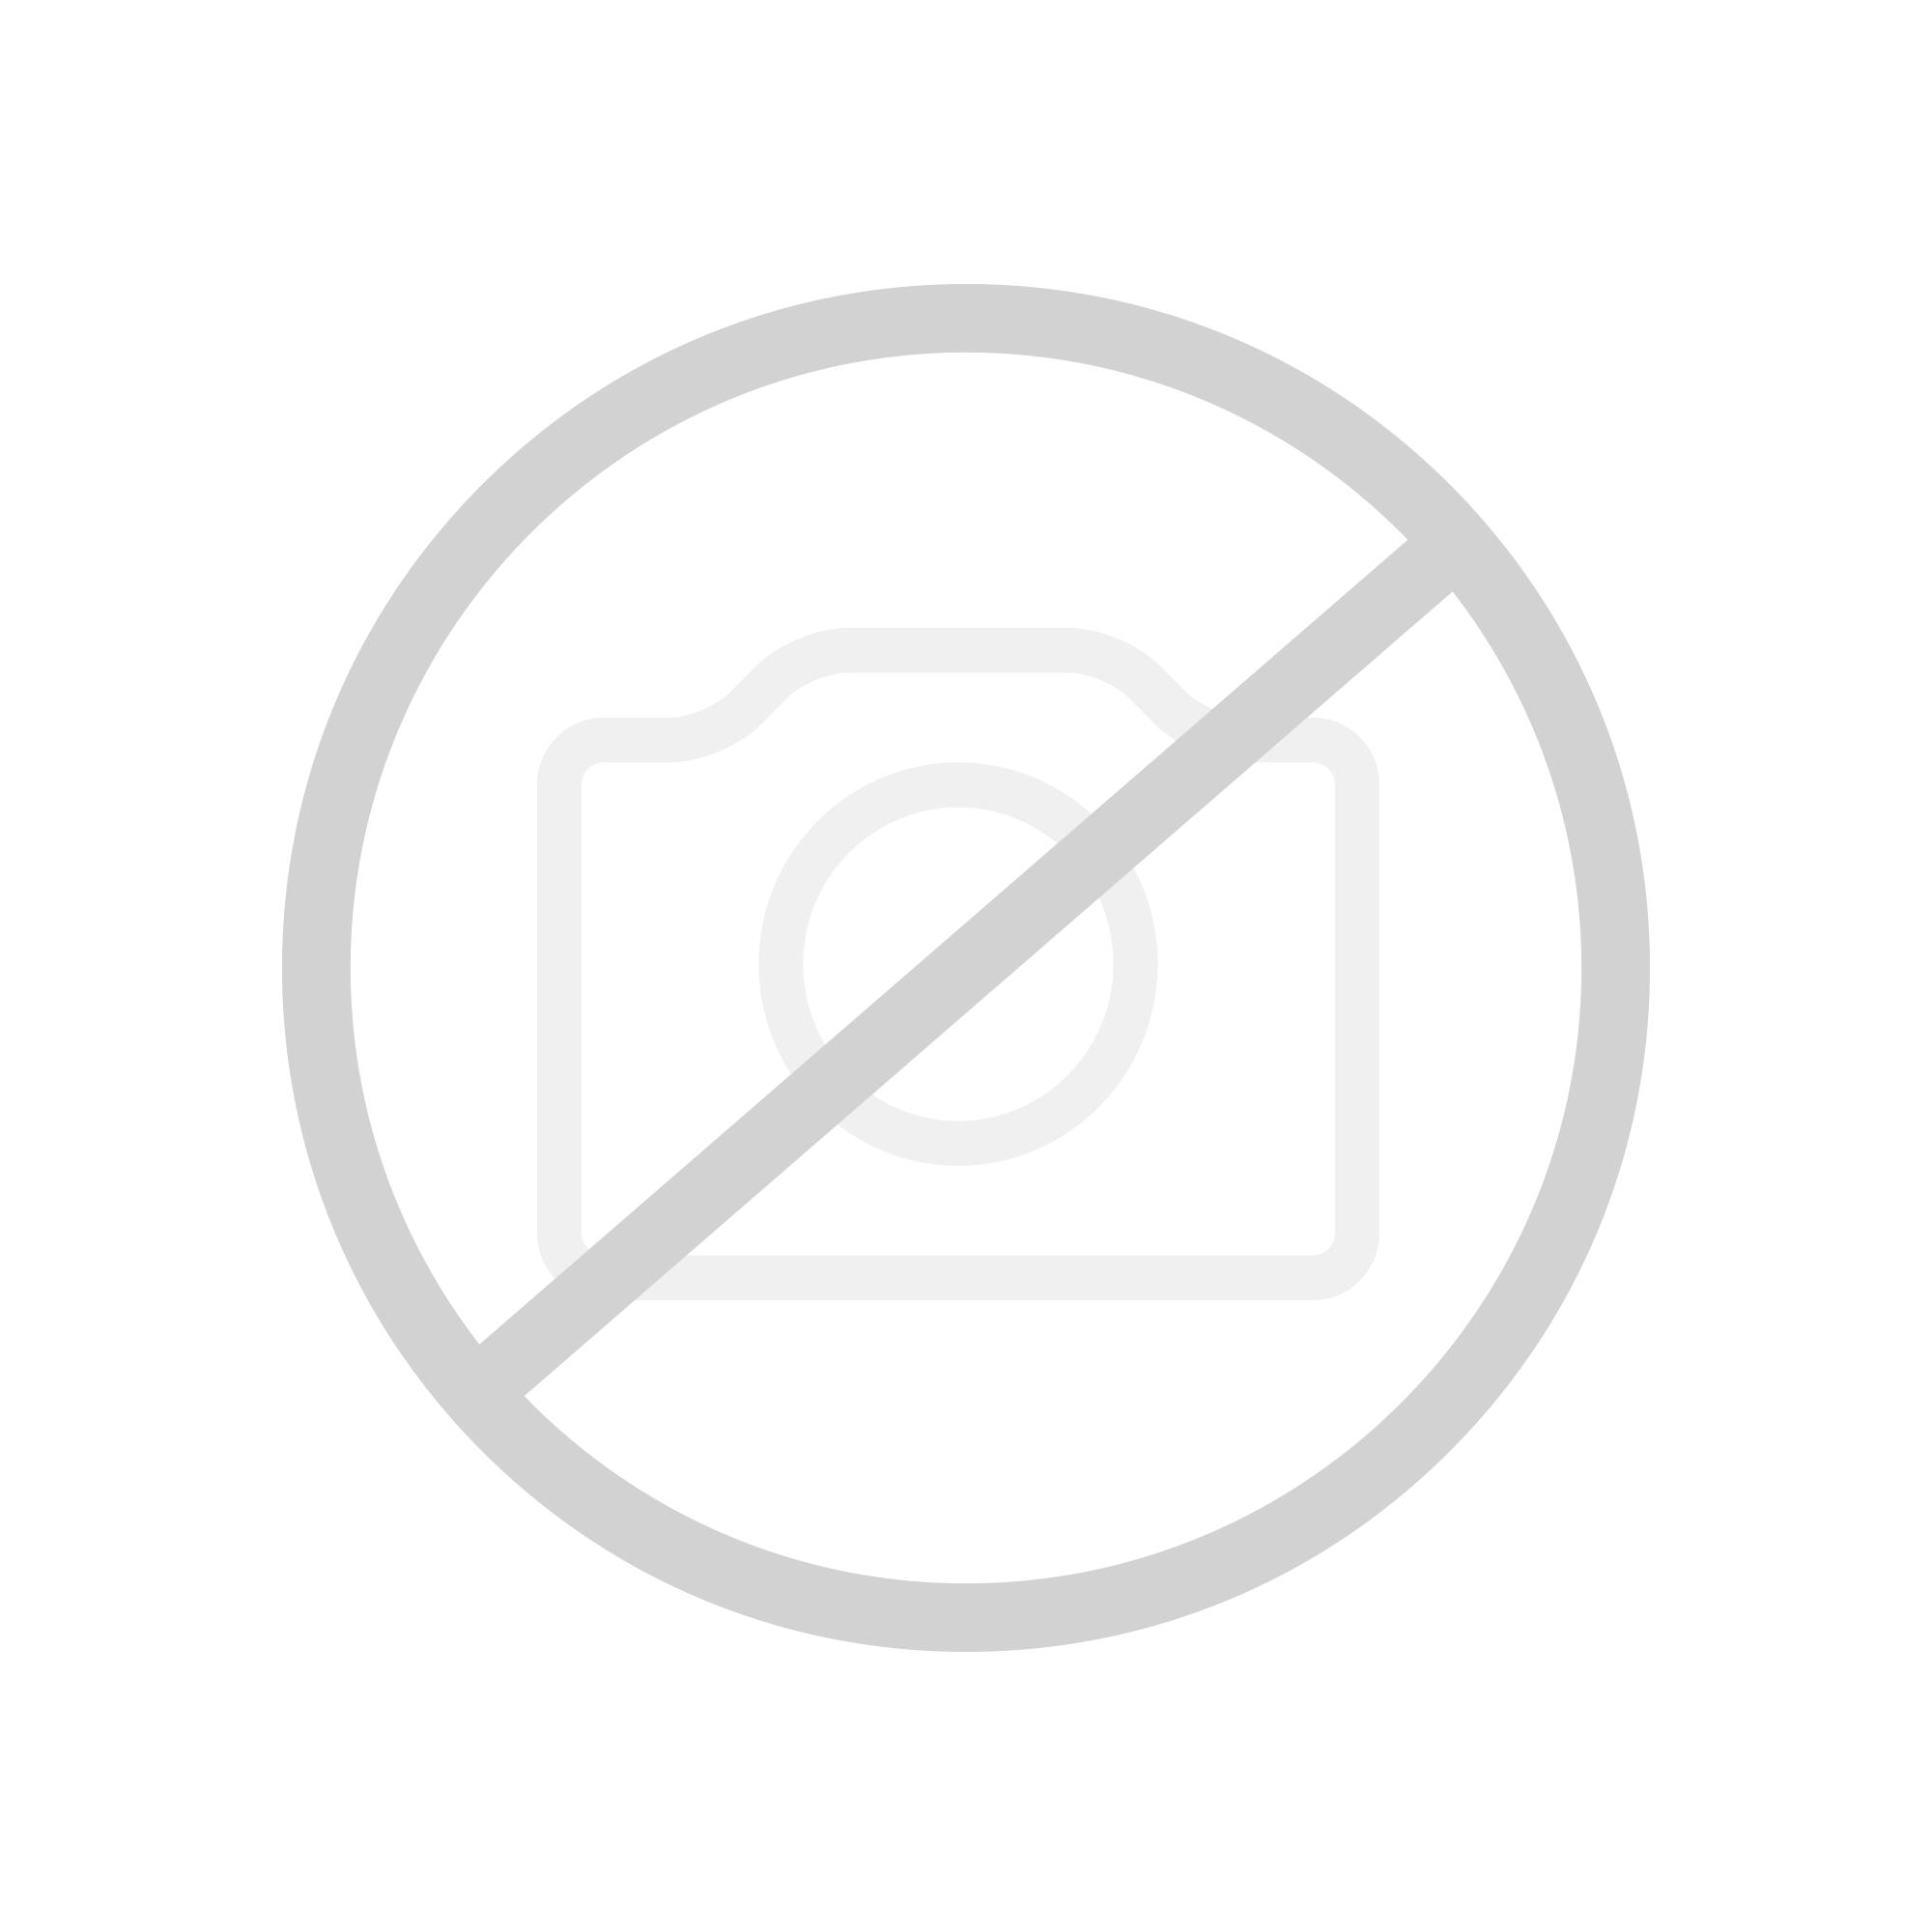 Bette Starlet Oval Silhouette Badewanne Wanne weiß, mit BetteGlasur Plus, Ablaufgarnitur chrom